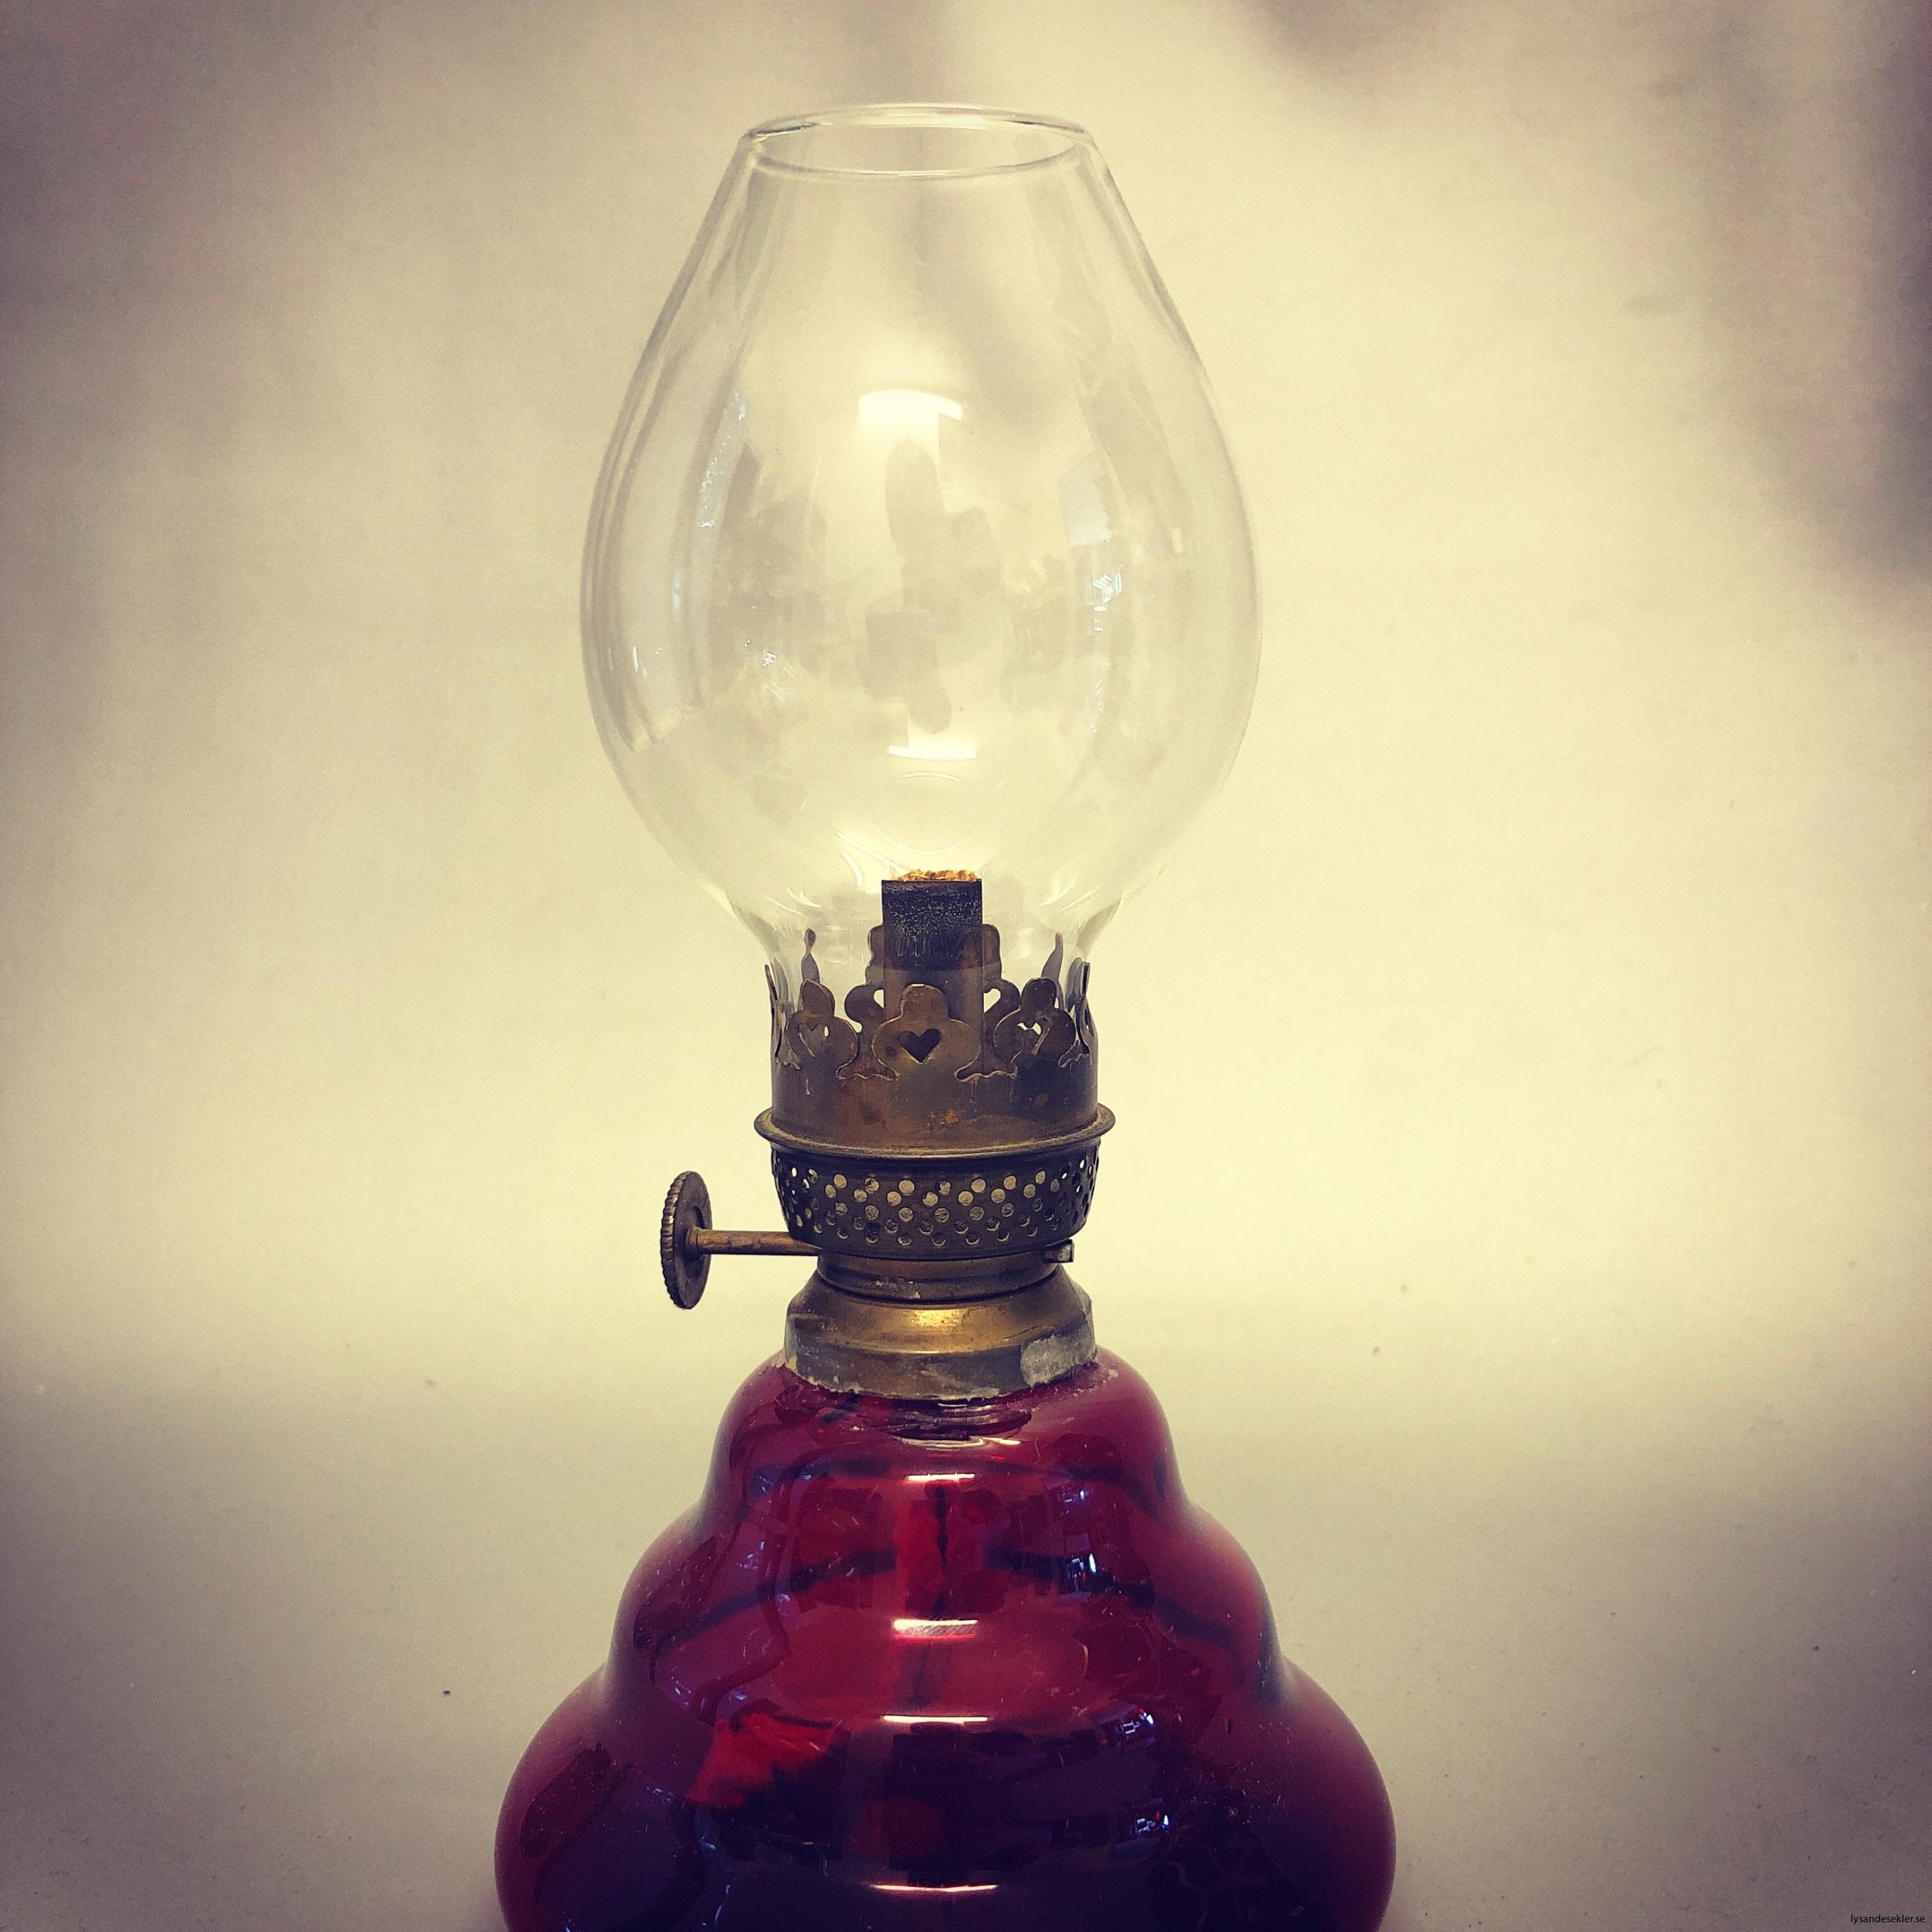 liten 3''' fotogenlampa med runt brännarglas